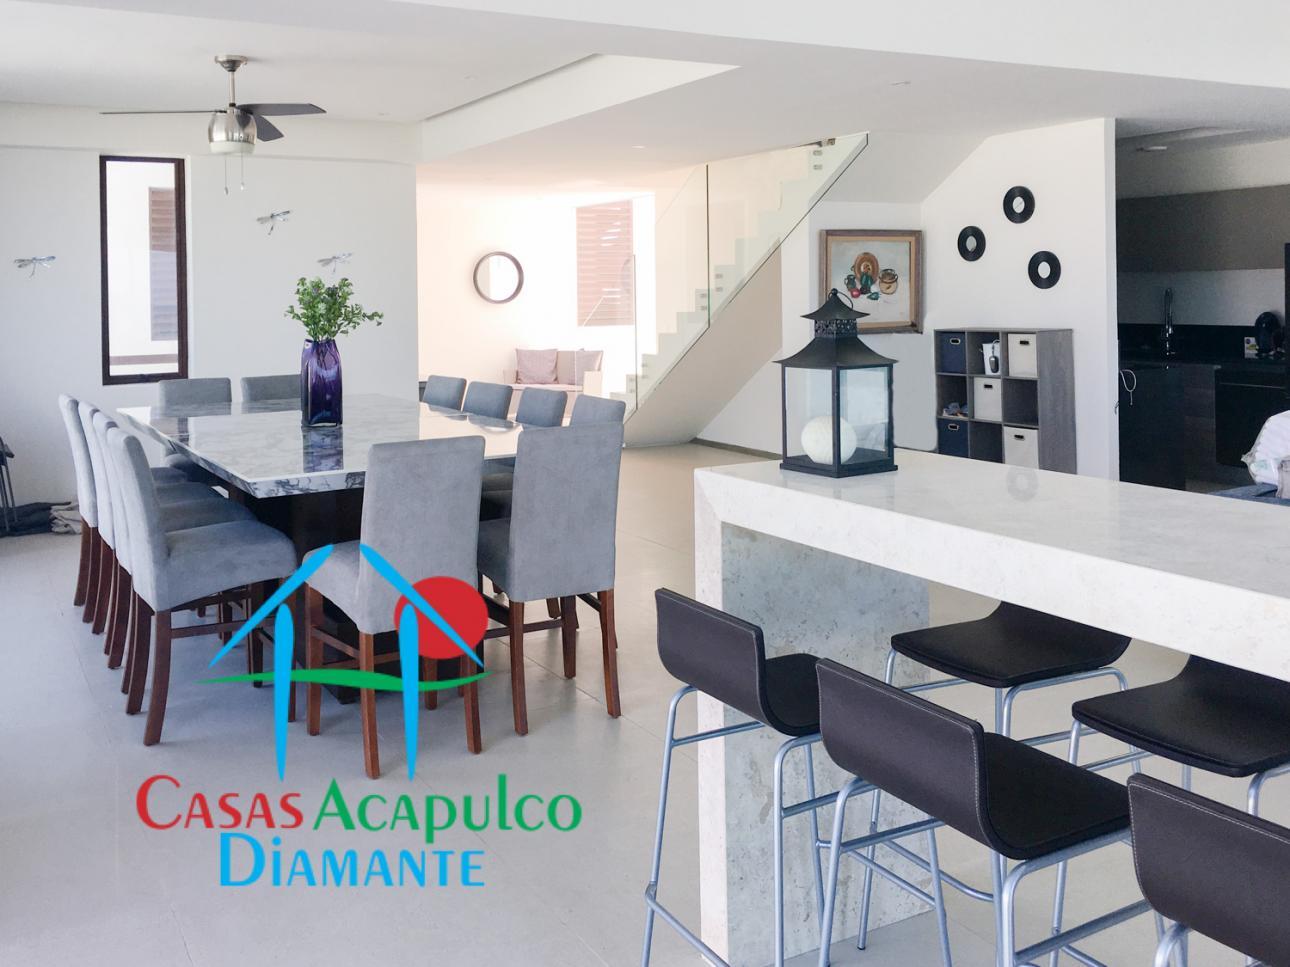 Venta de Departamento 4 o mas recamaras en Acapulco Fraccionamiento Playa Diamante